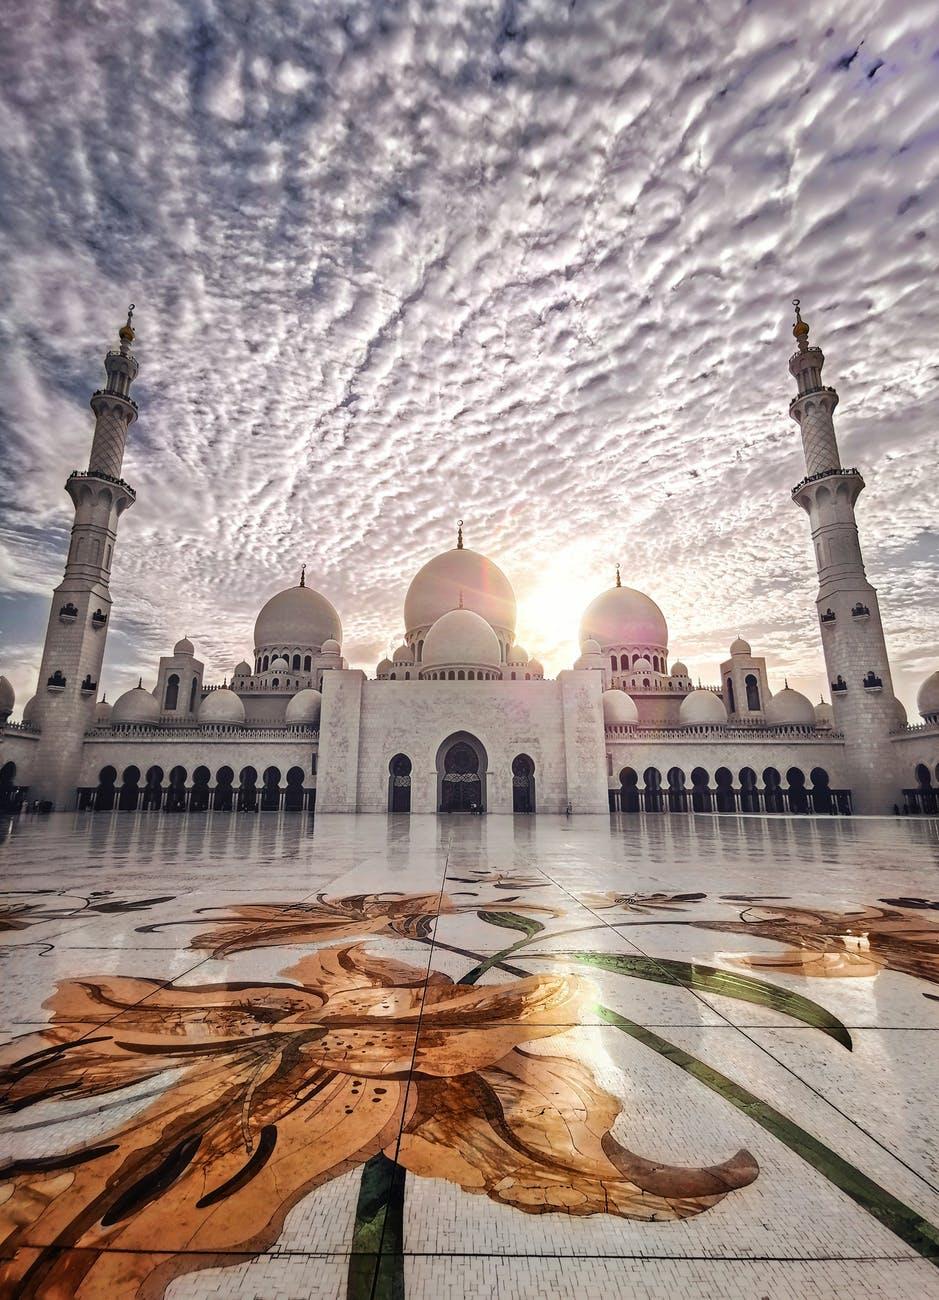 فضل الرؤيا وتفسير رؤية المسجد النبوي